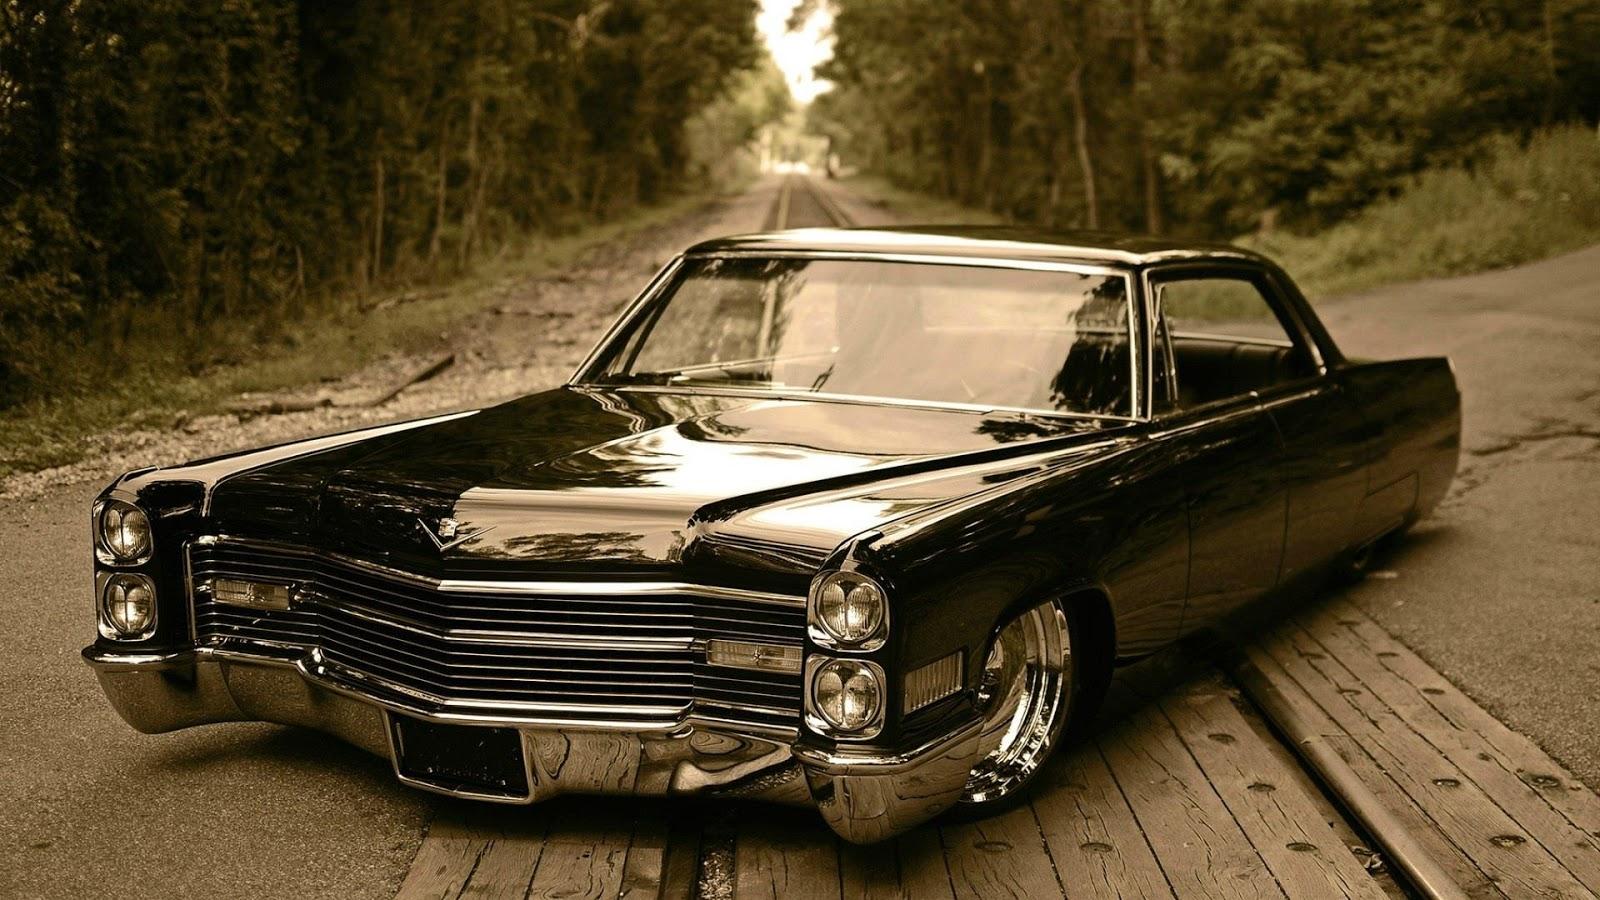 Automobile Trendz 1967 Cadillac Coupe De Ville